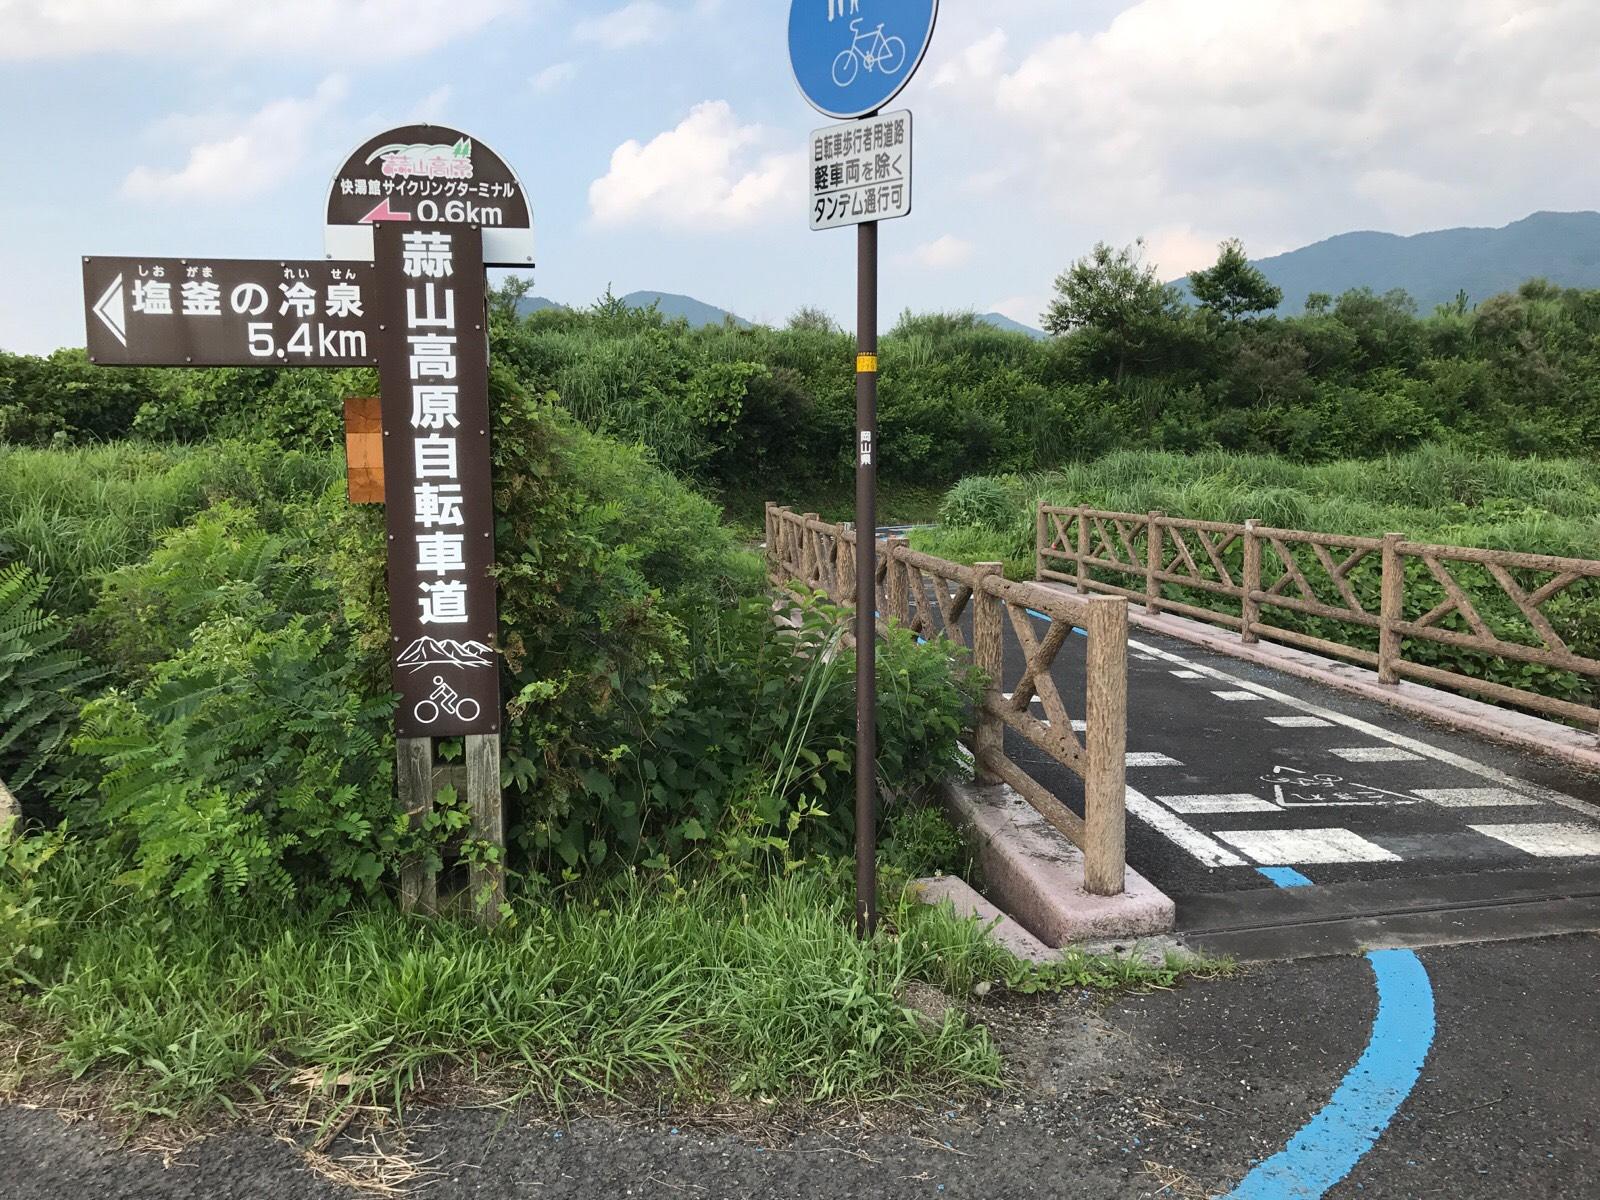 蒜山高原自転車道:29.3kmも快適に走れる立ち寄りスポットが豊富